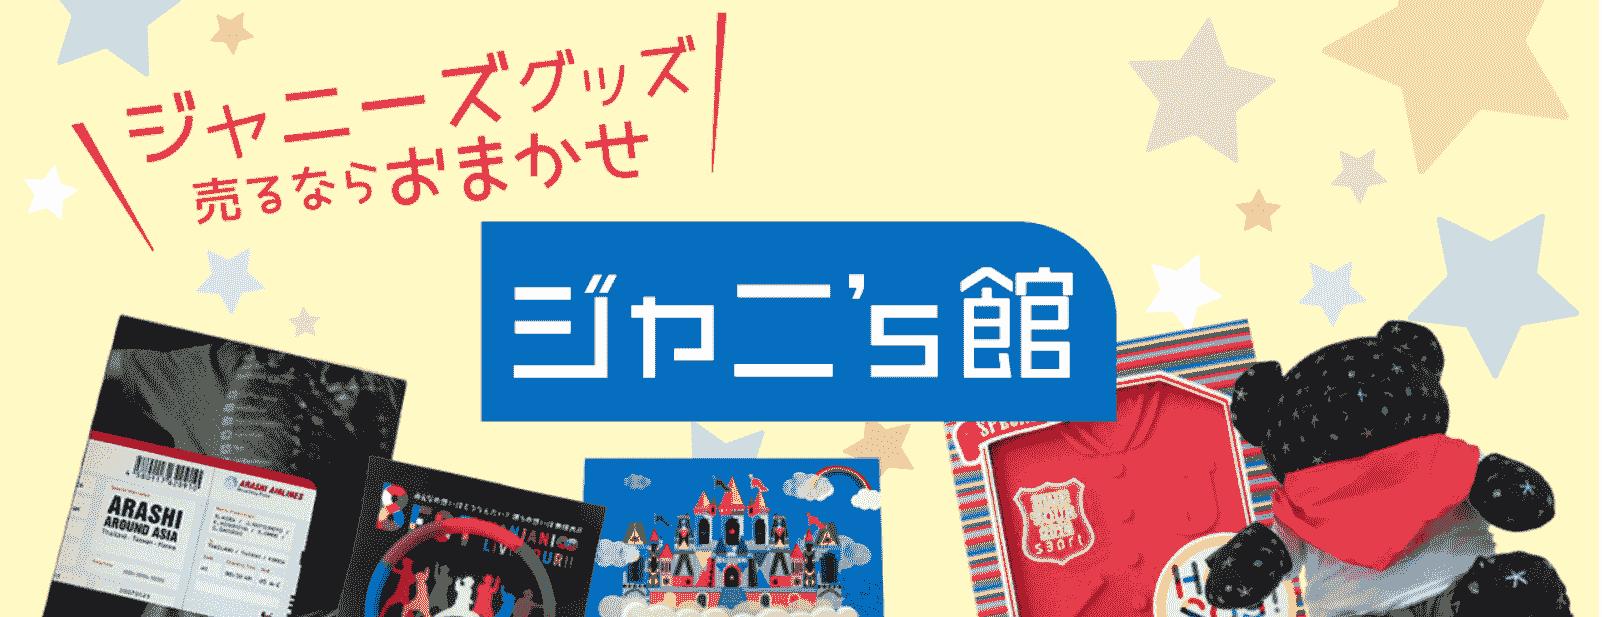 ジャスティ―公式サイト